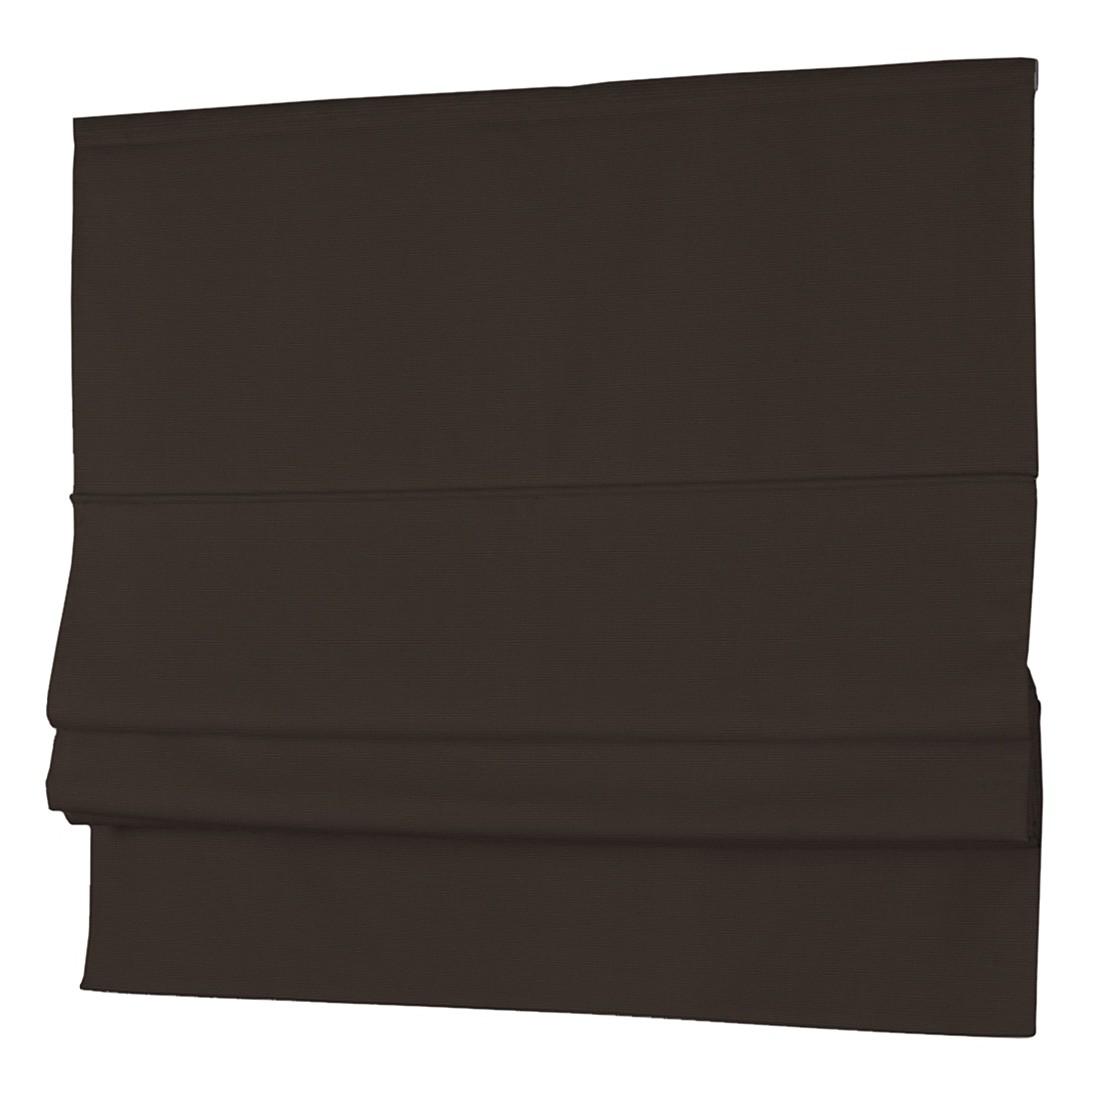 Raffrollo Cotton Panama – Dunkelbraun – 130 x 170 cm, Dekoria günstig bestellen